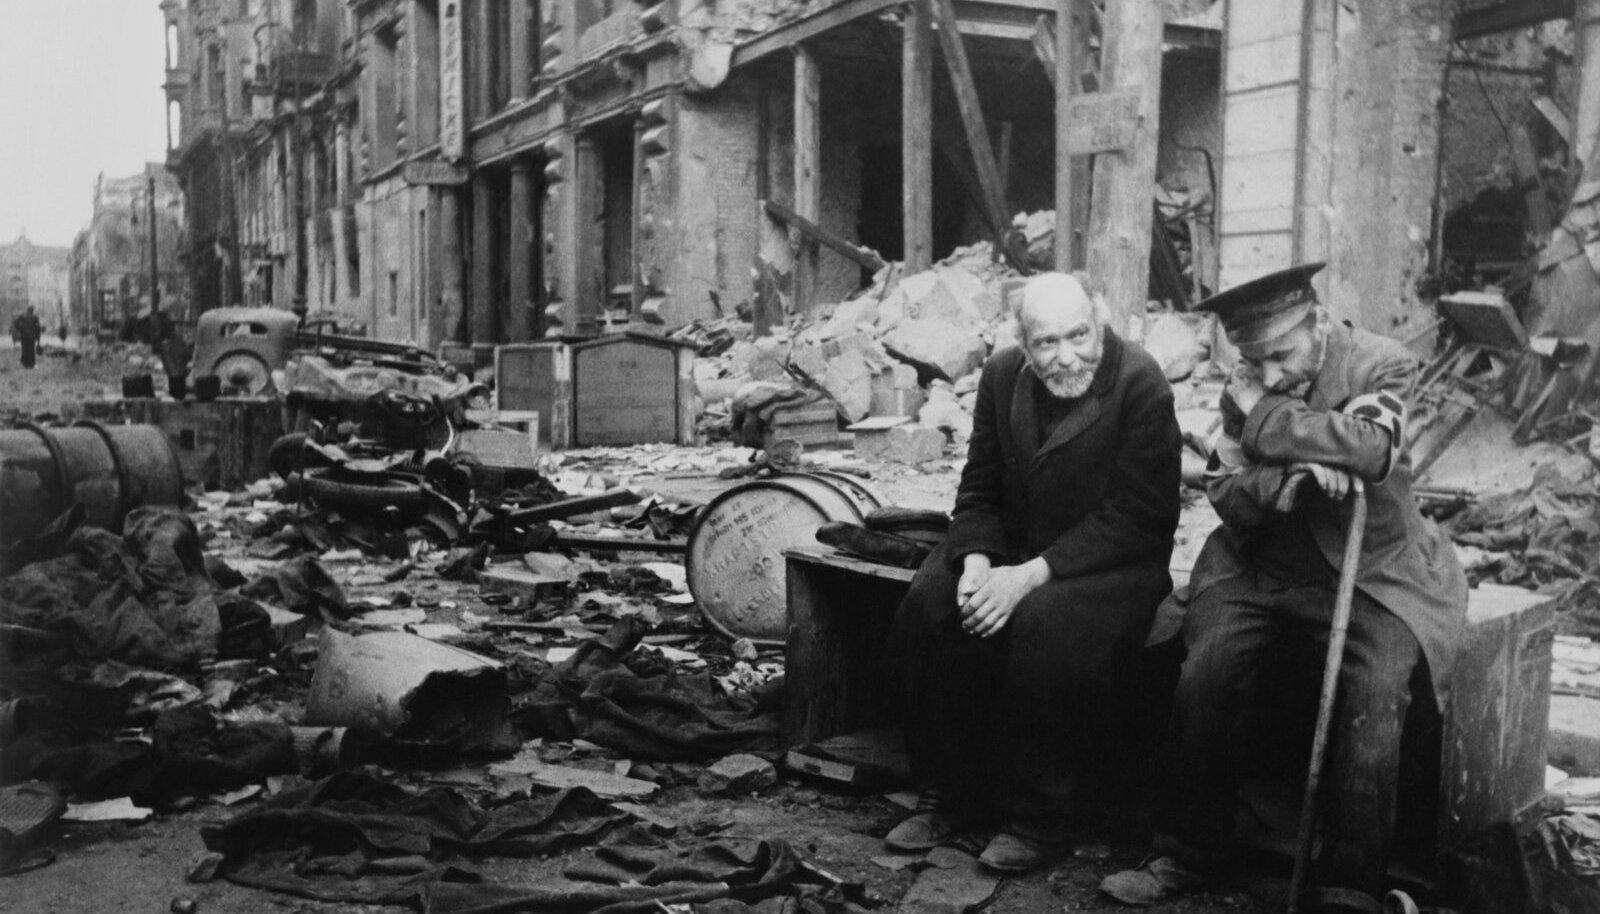 Pime mees ja tema abiline Berliinis, pärast lahingute lõppu. Foto autor on Jevgeni Khaldei, sama piltnik, kes tegi kuulsa foto Reichstagi hoonele punalipu heiskamisest.